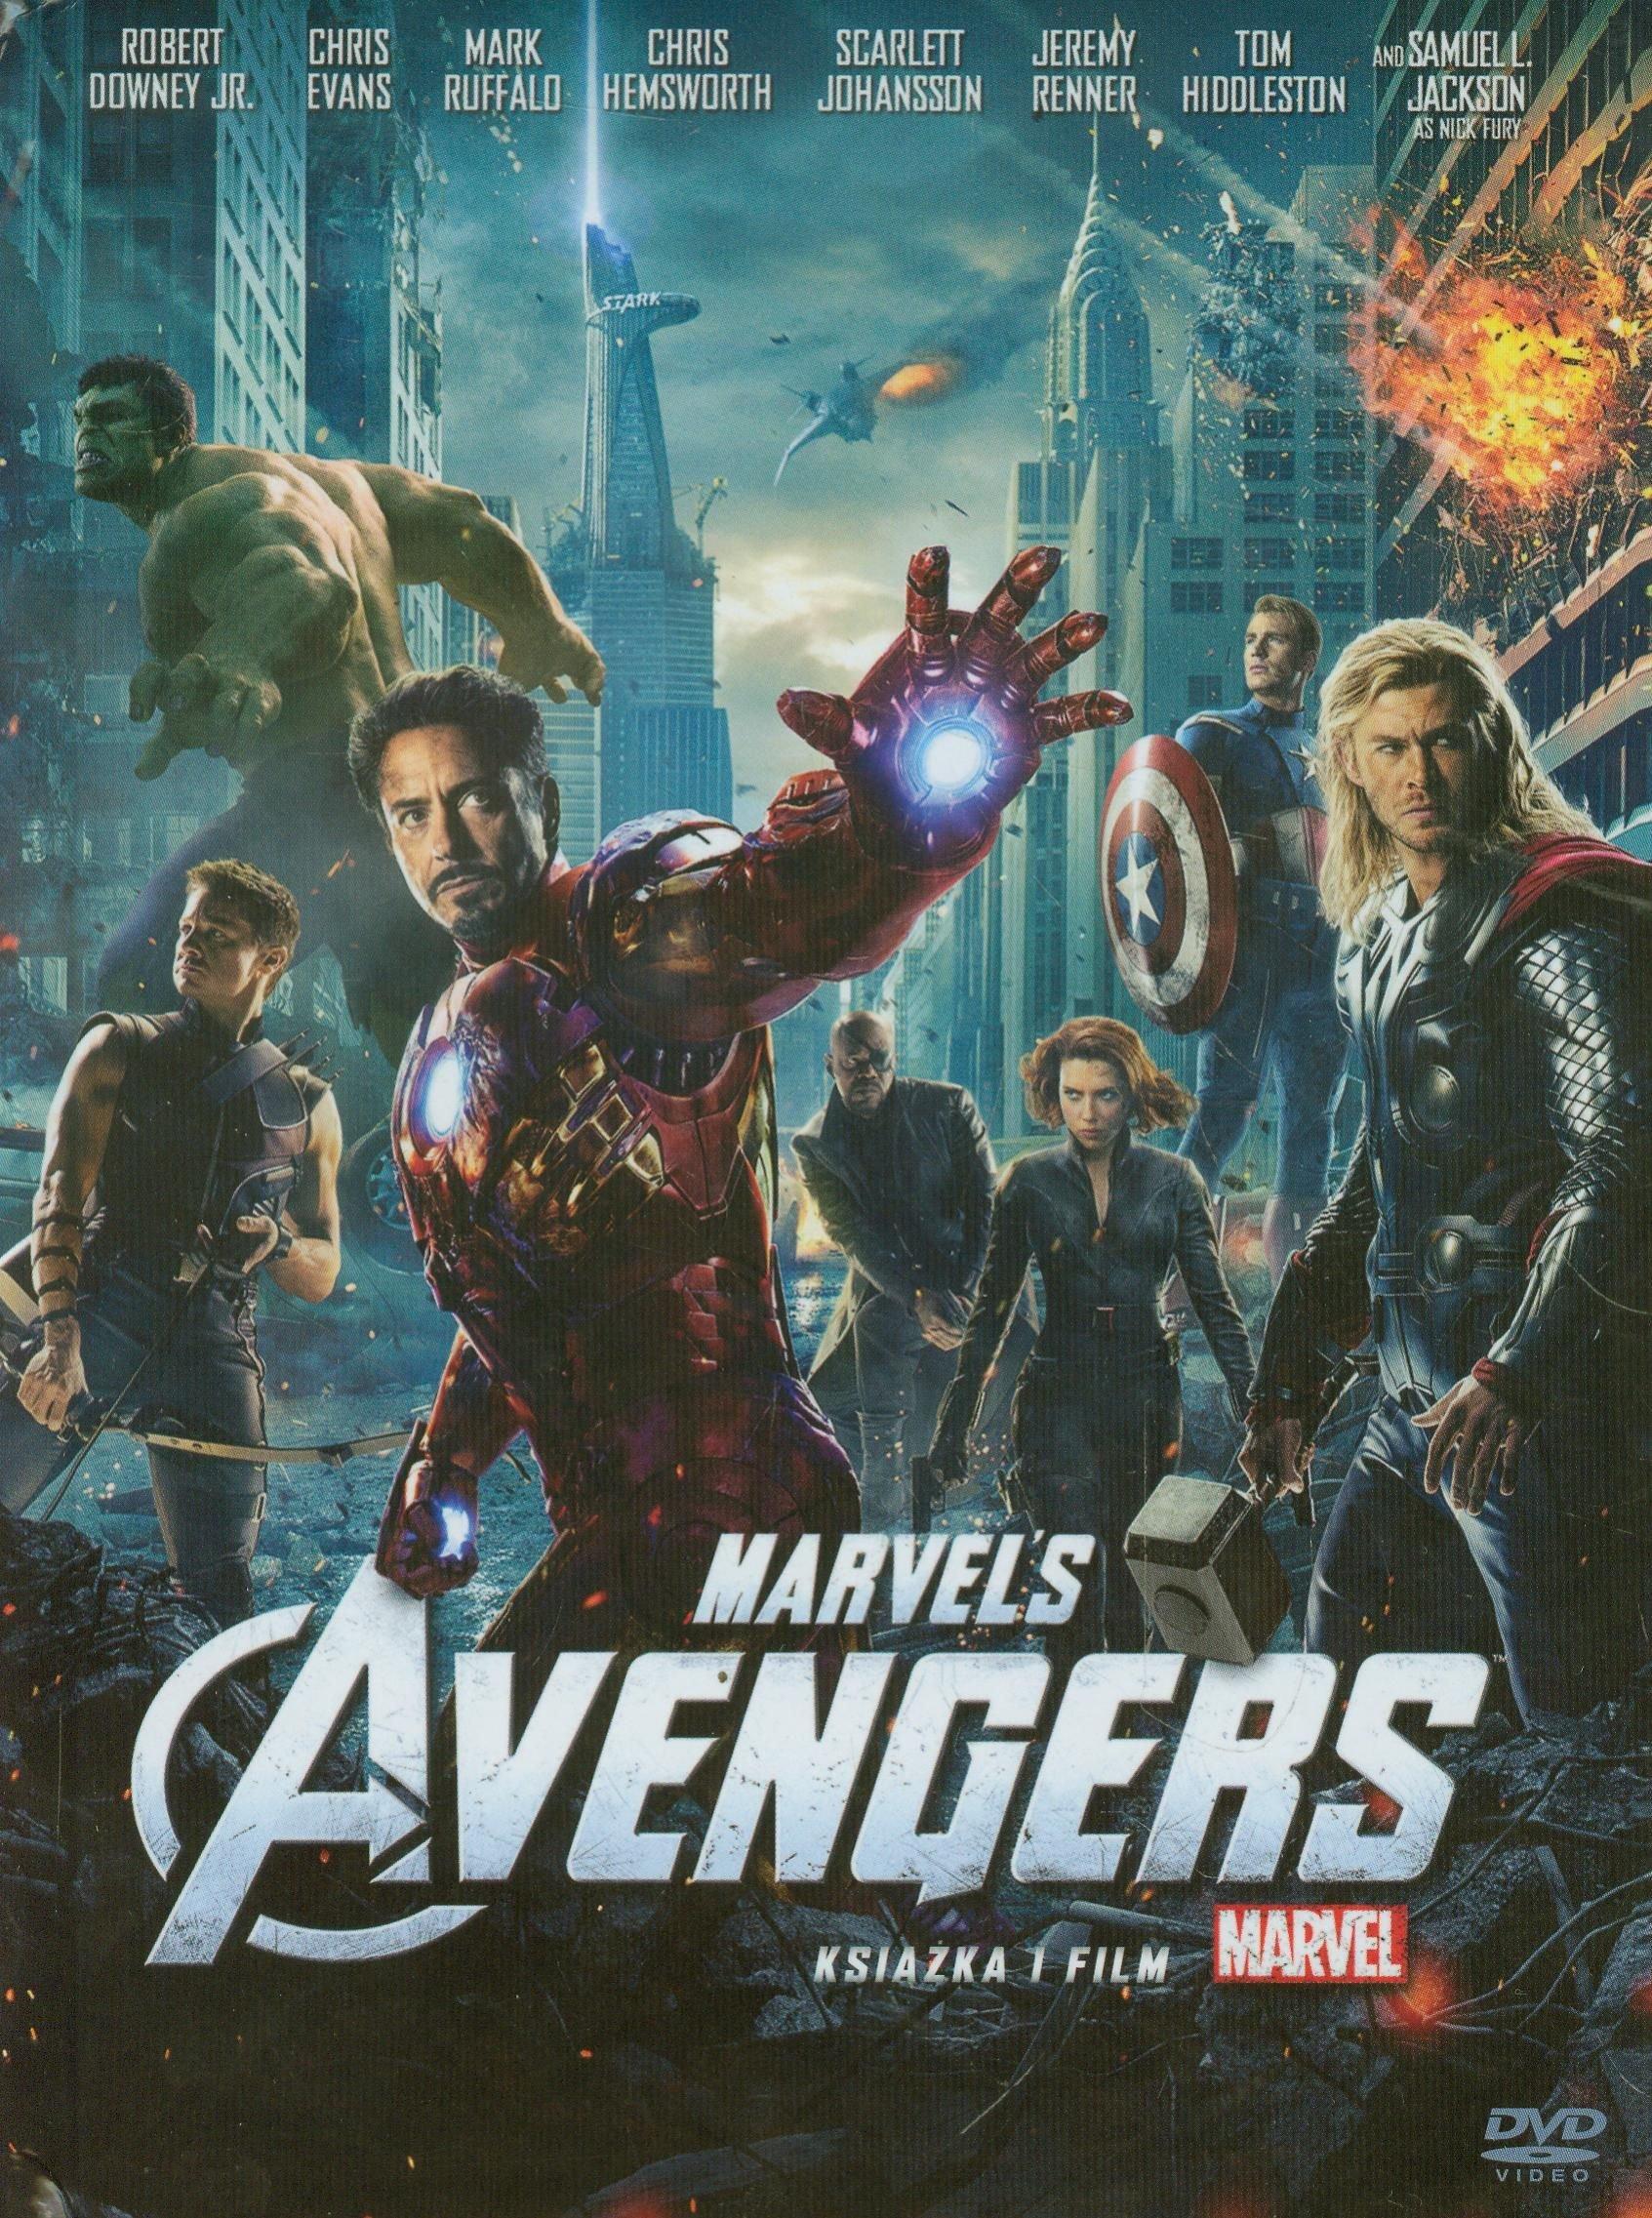 Avengers Opowiesc filmowa